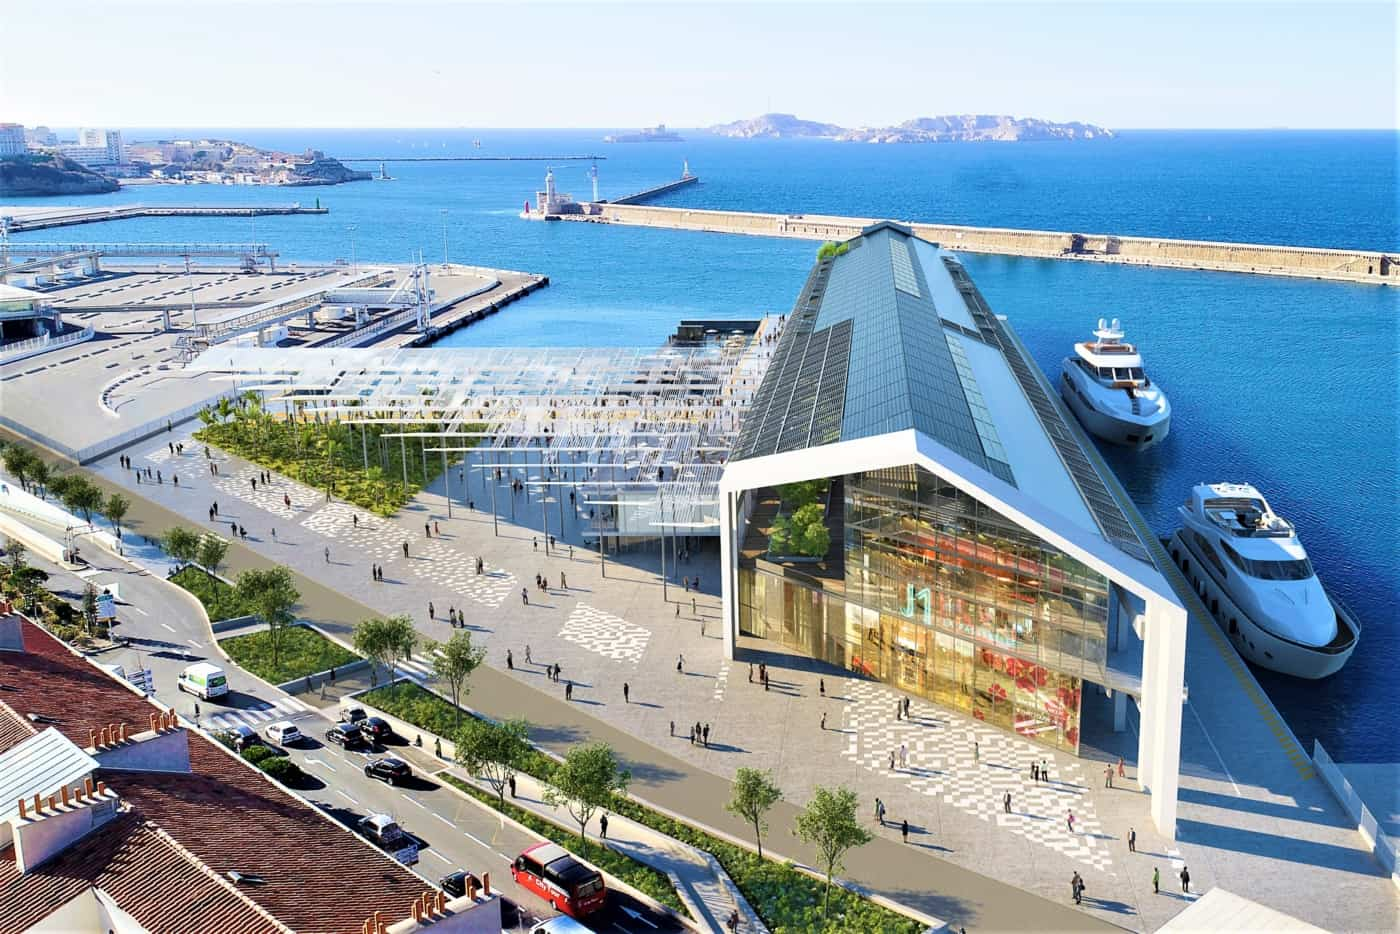 , Signature imminente pour le projet de transformation du J1, Made in Marseille